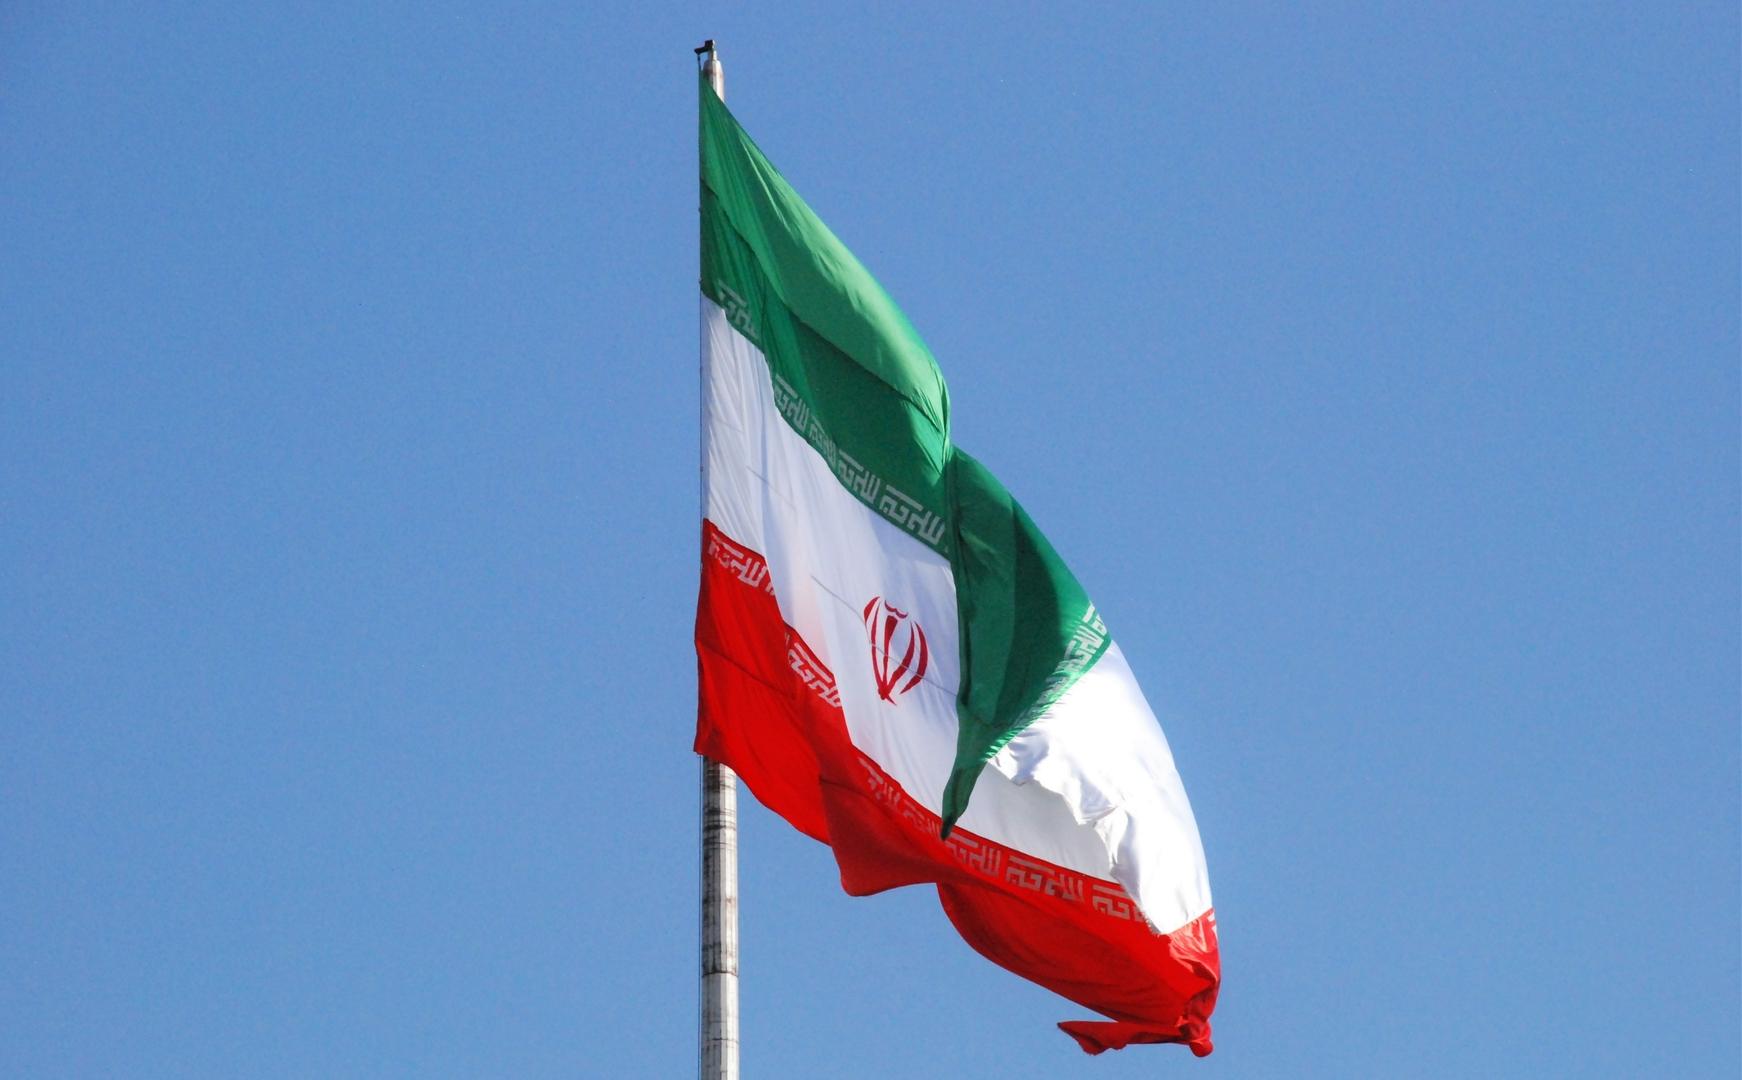 طهران تدين الهجوم الدموي في قندهار و تعتبره جريمة من جرائم